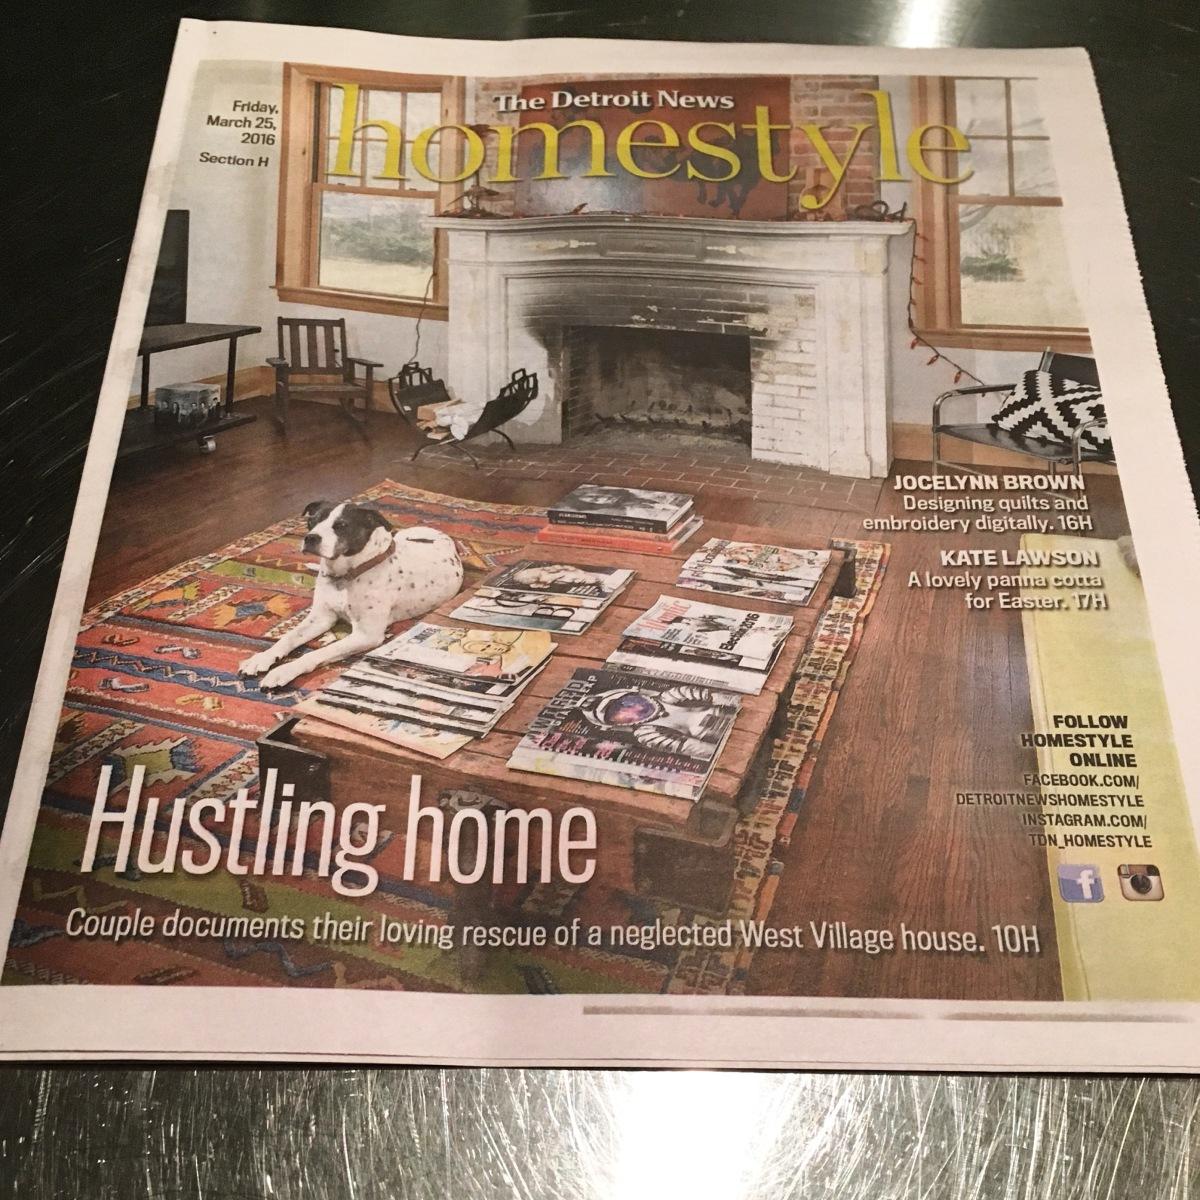 Hustling Home